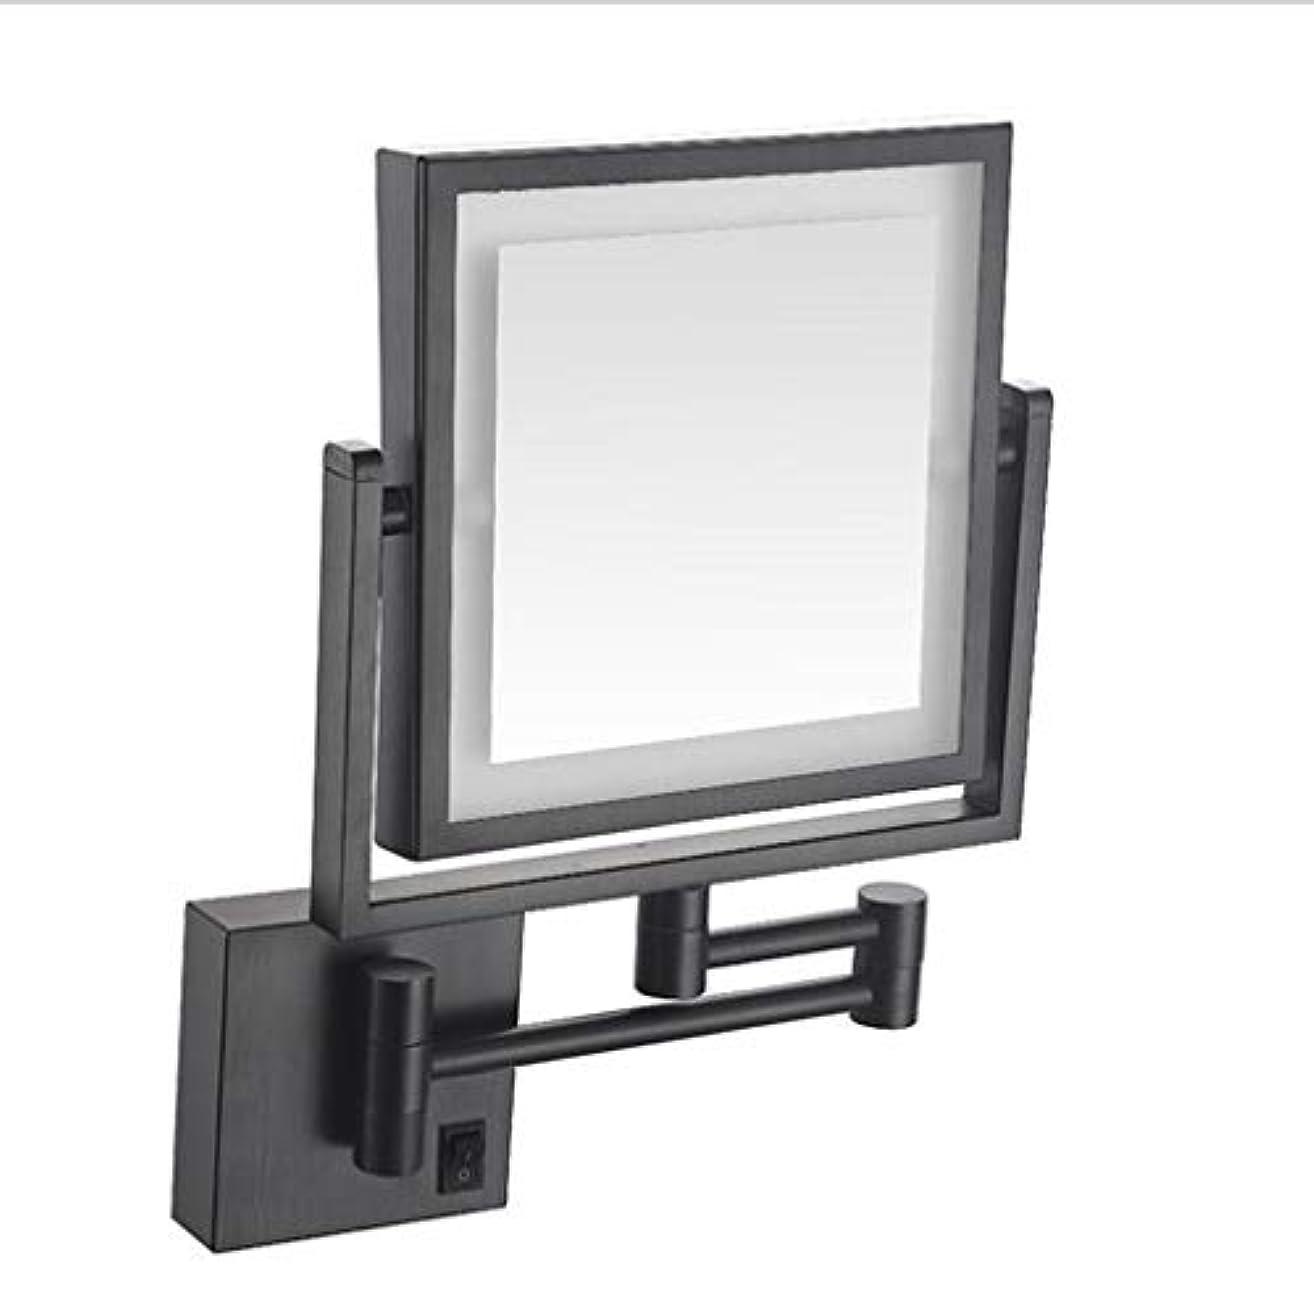 安息ファイバ肌寒いCUUYQ 化粧鏡LEDライト、両面 3倍拡大 けメイクミラー 360 °回転 壁掛け式 伸縮可能折り 化粧ミラー 8インチハードワイヤード接続,Black